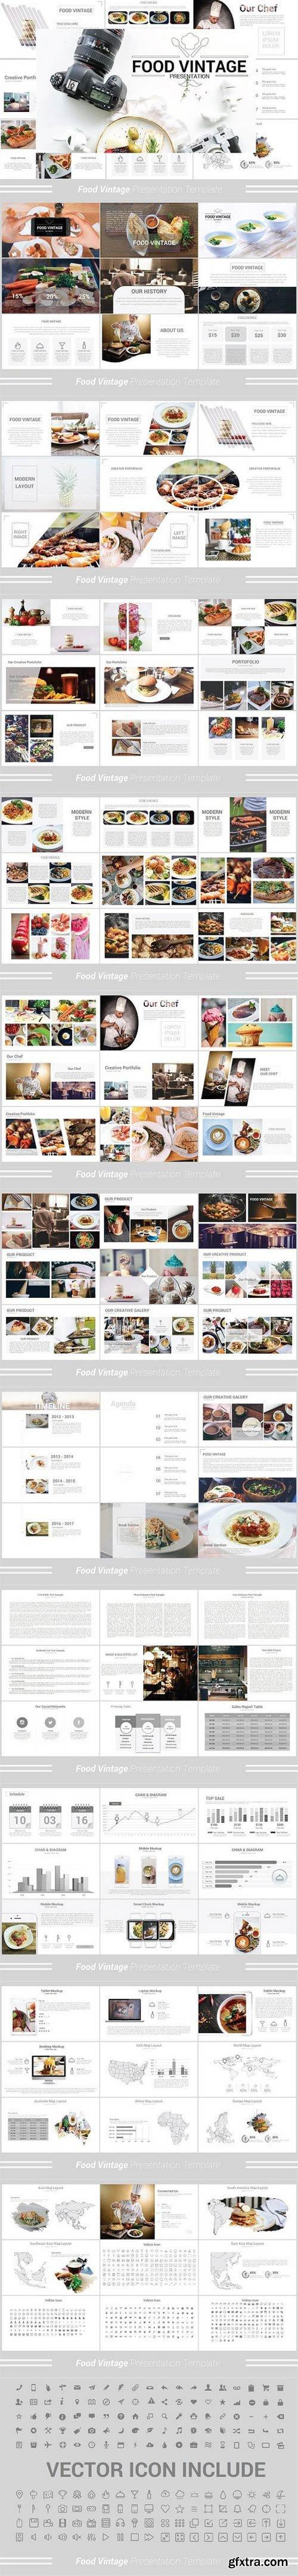 CM - Food Vintage Keynote Template 1351300